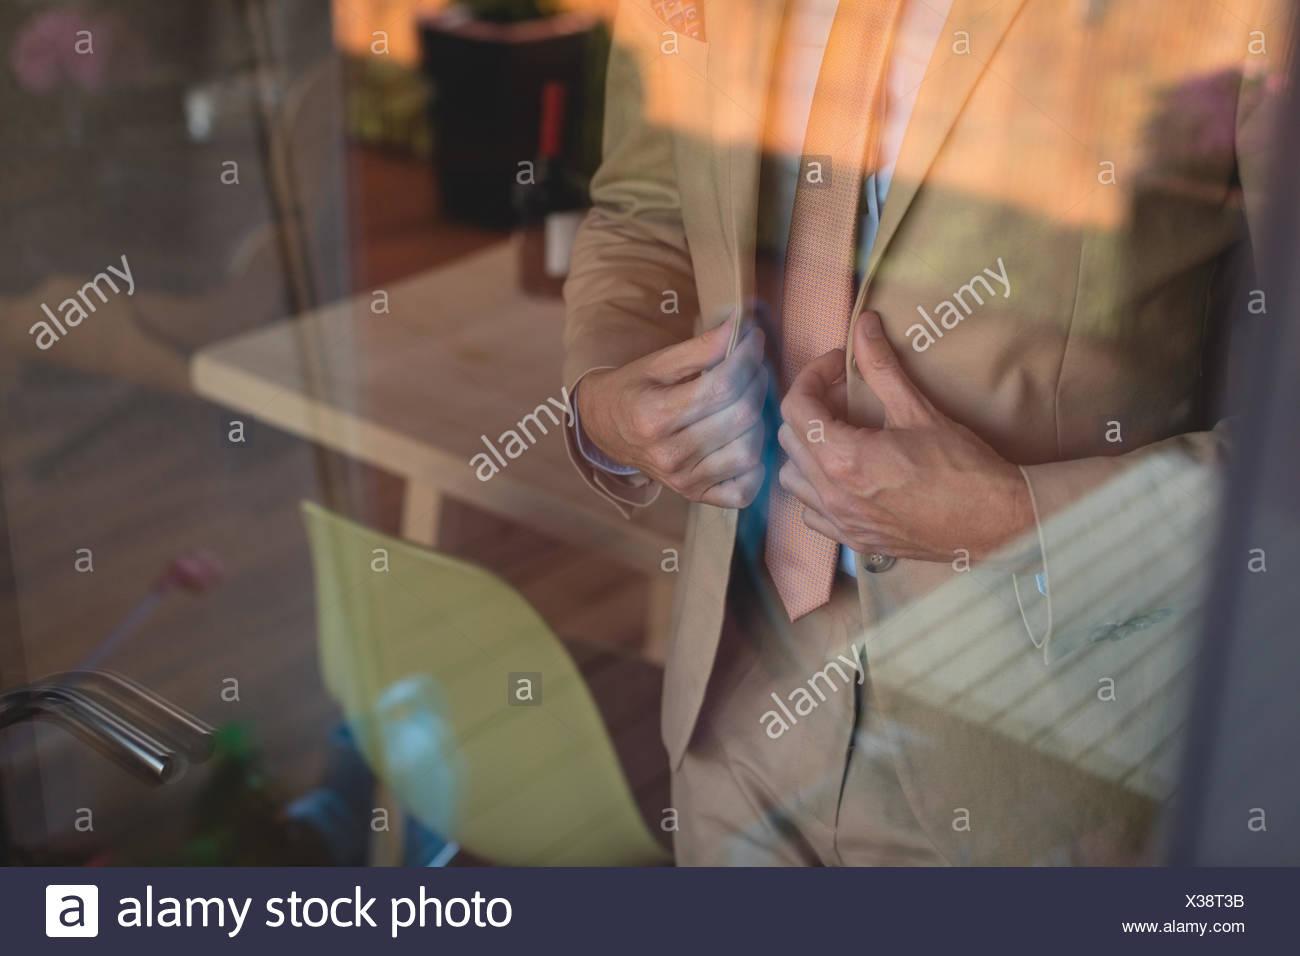 Homme portant son blazer à la maison Photo Stock